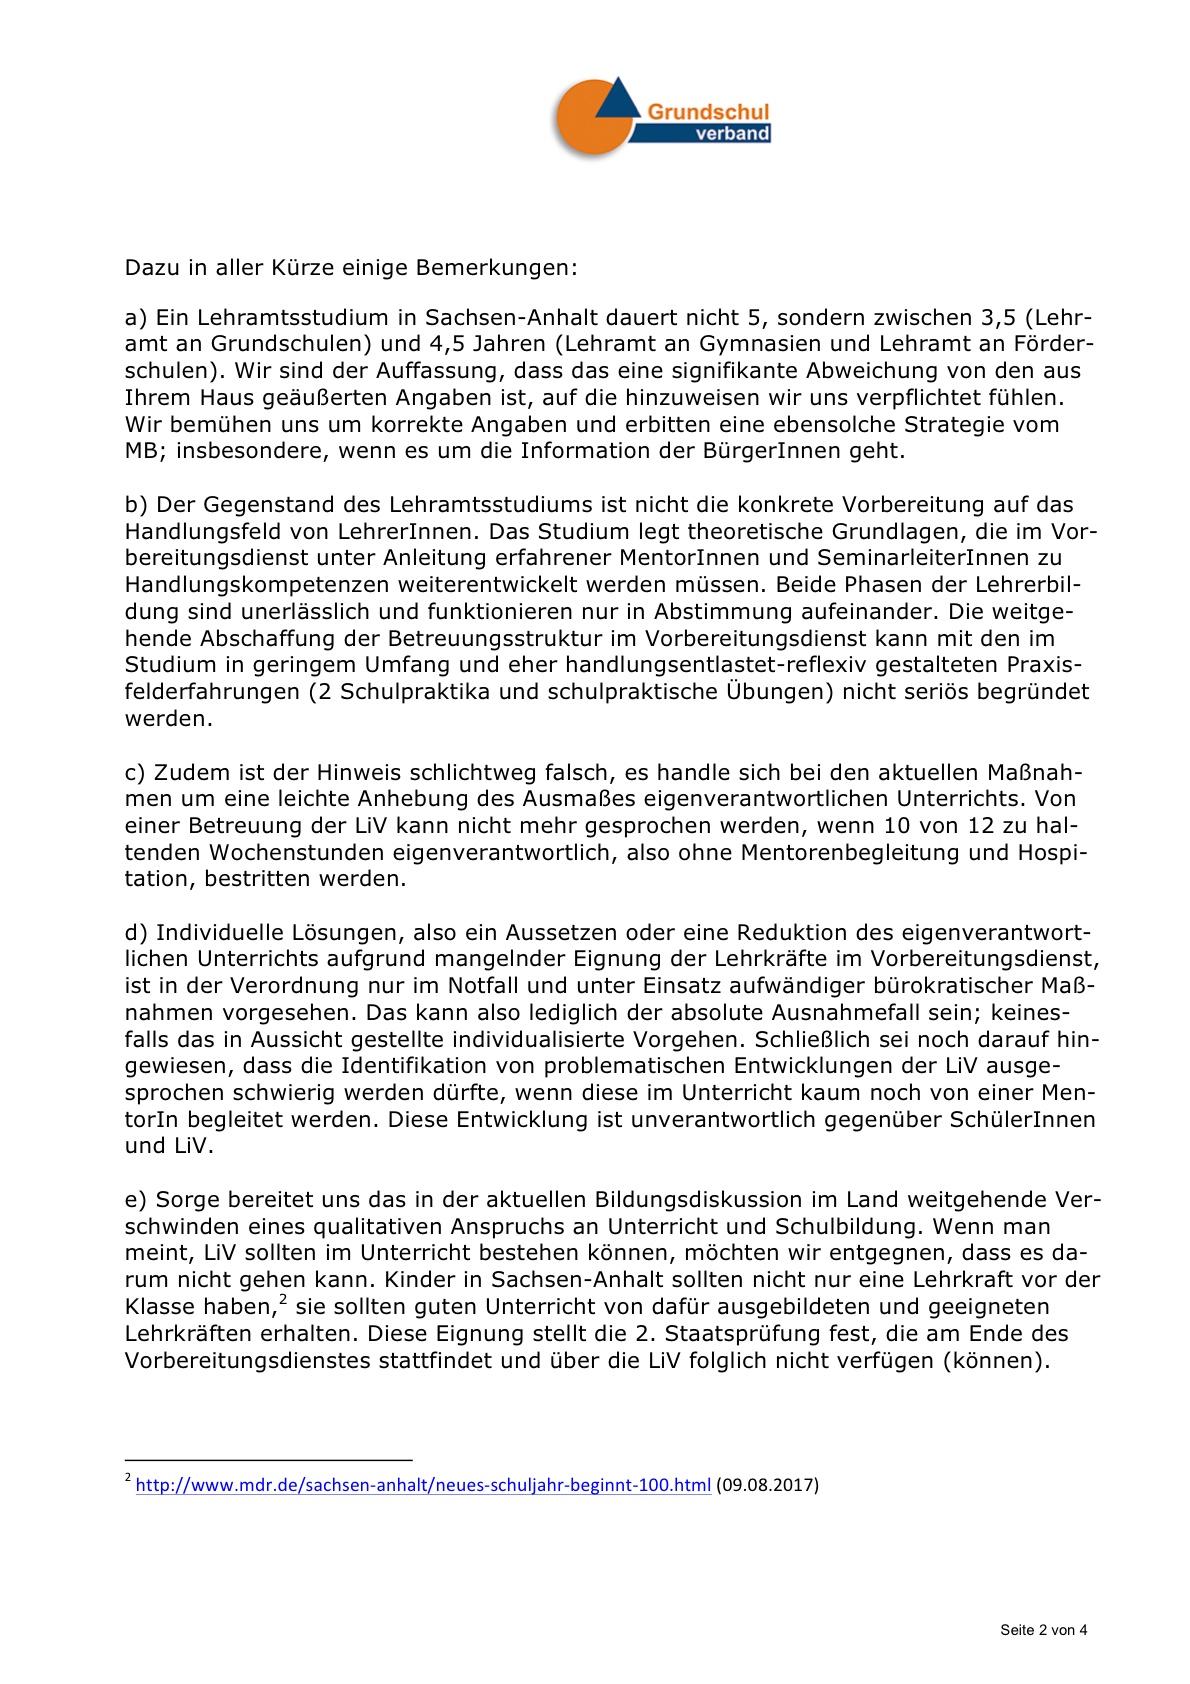 Charmant Debatte Rede Vorlage Bilder - Beispielzusammenfassung Ideen ...